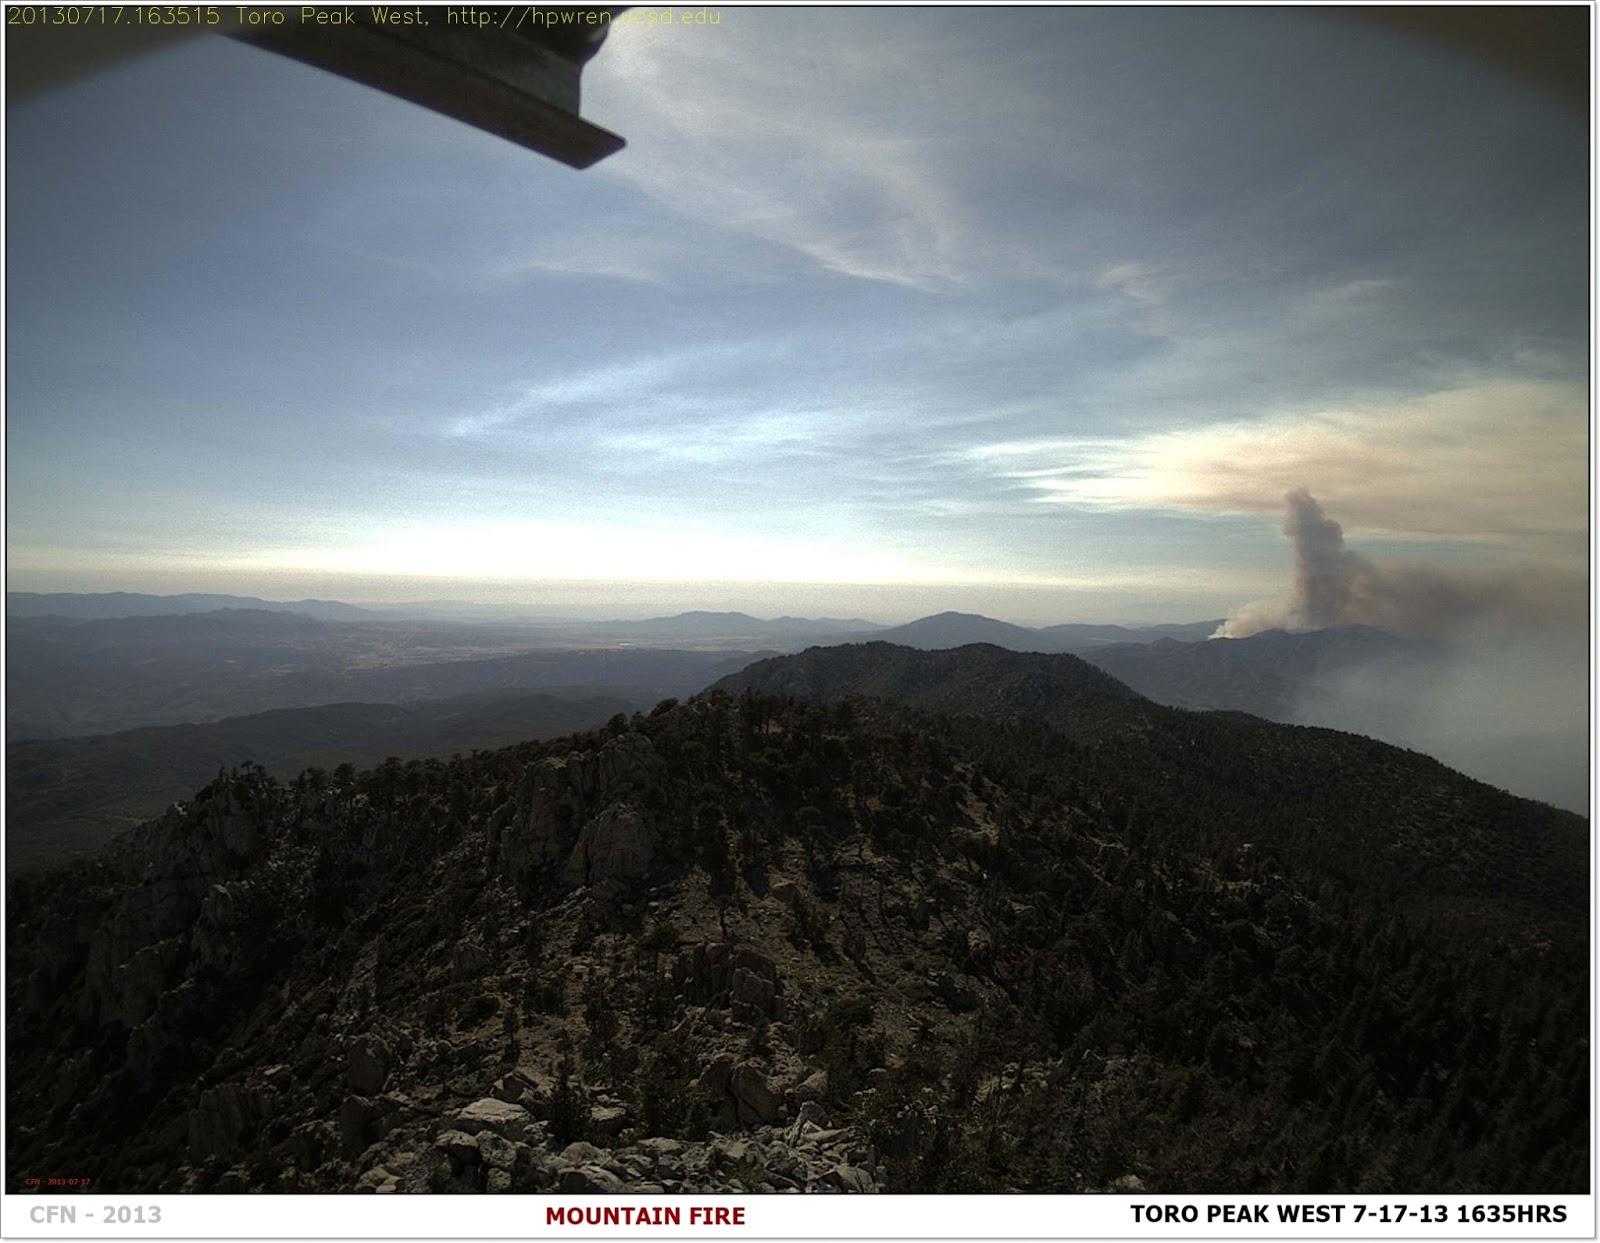 CFN - CALIFORNIA FIRE NEWS - CAL FIRE NEWS : #MountainFire